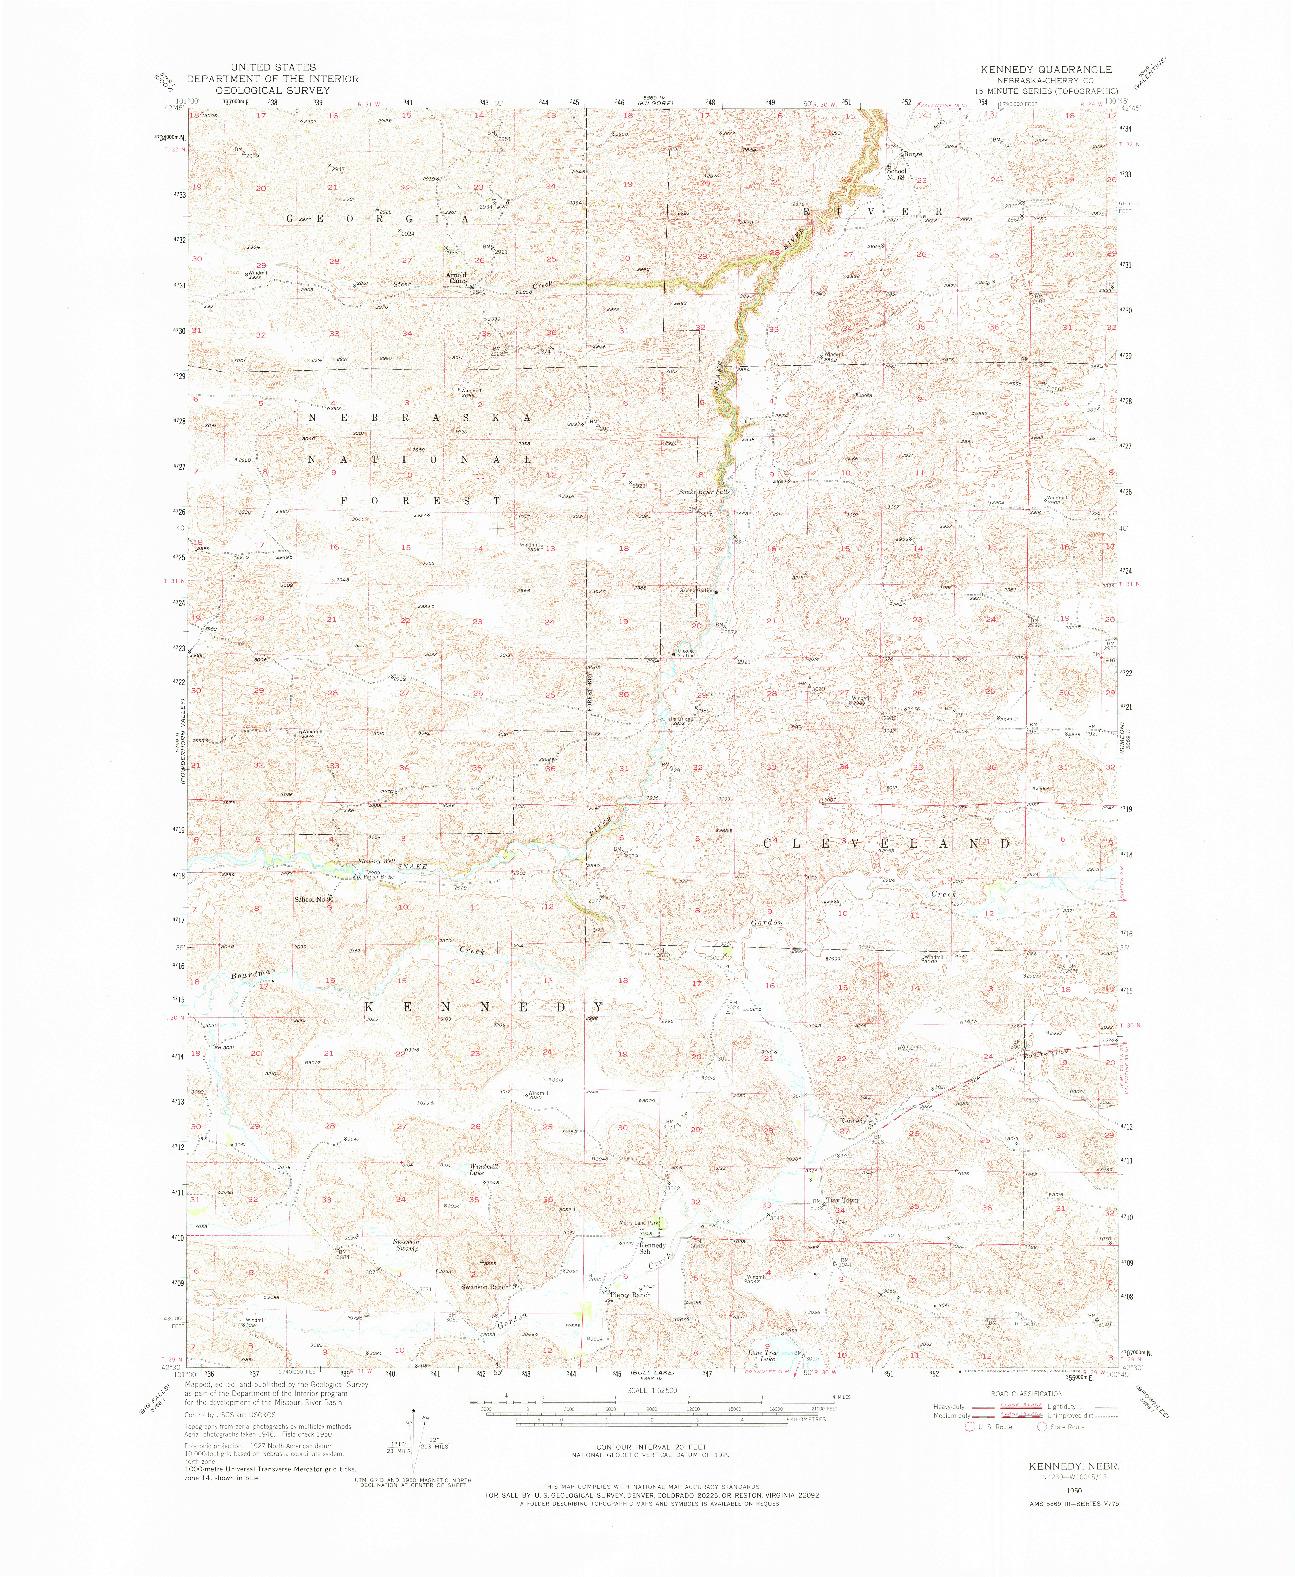 USGS 1:62500-SCALE QUADRANGLE FOR KENNEDY, NE 1950